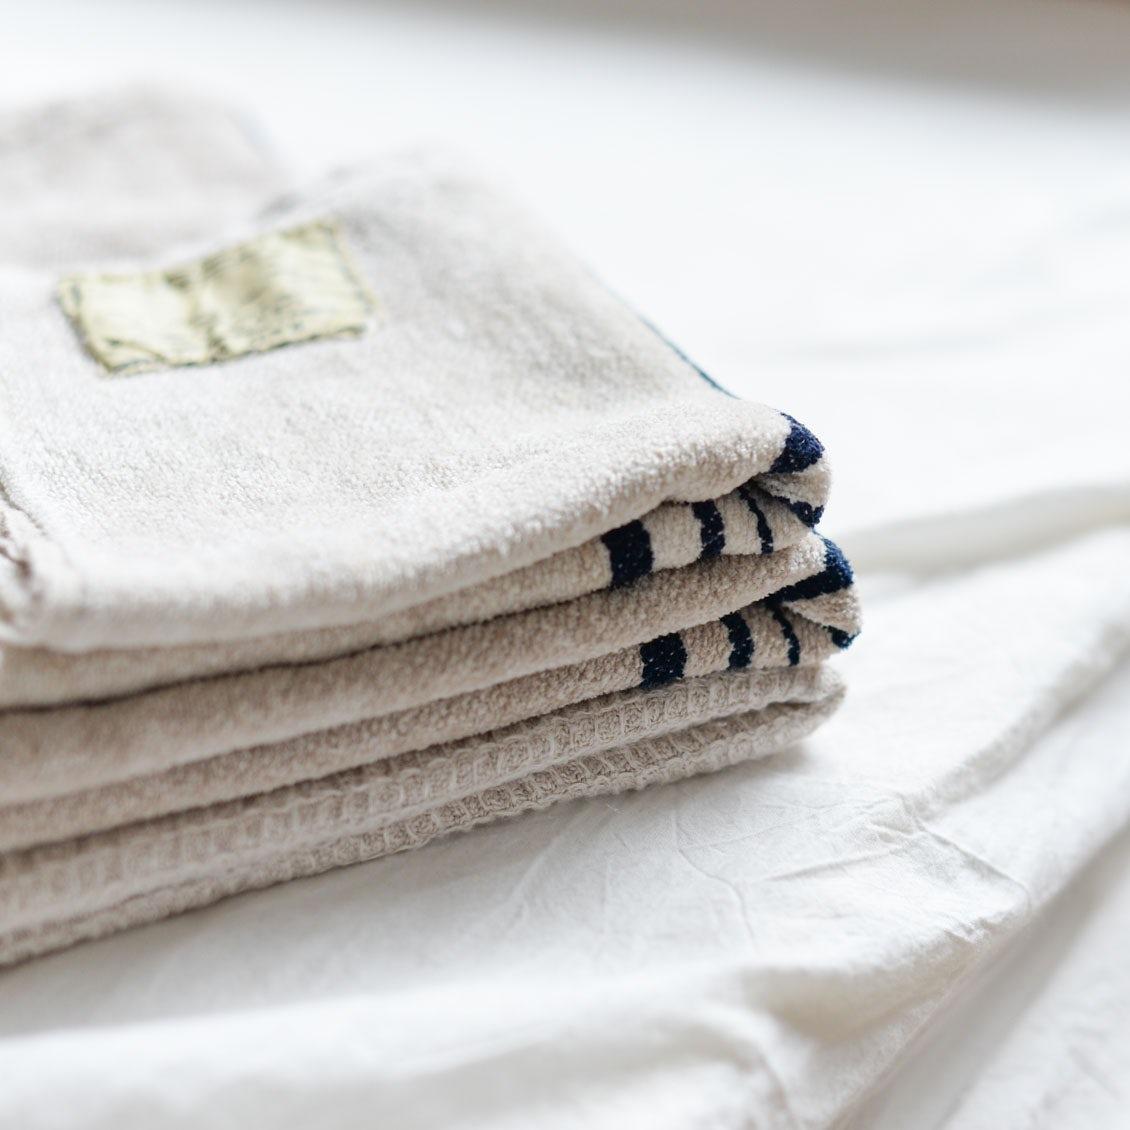 【リネンのいろは】第1話:nest Robe(ネストローブ)・滝口和代さんに聞いた、リネンの洗濯や干し方、保管のコツ